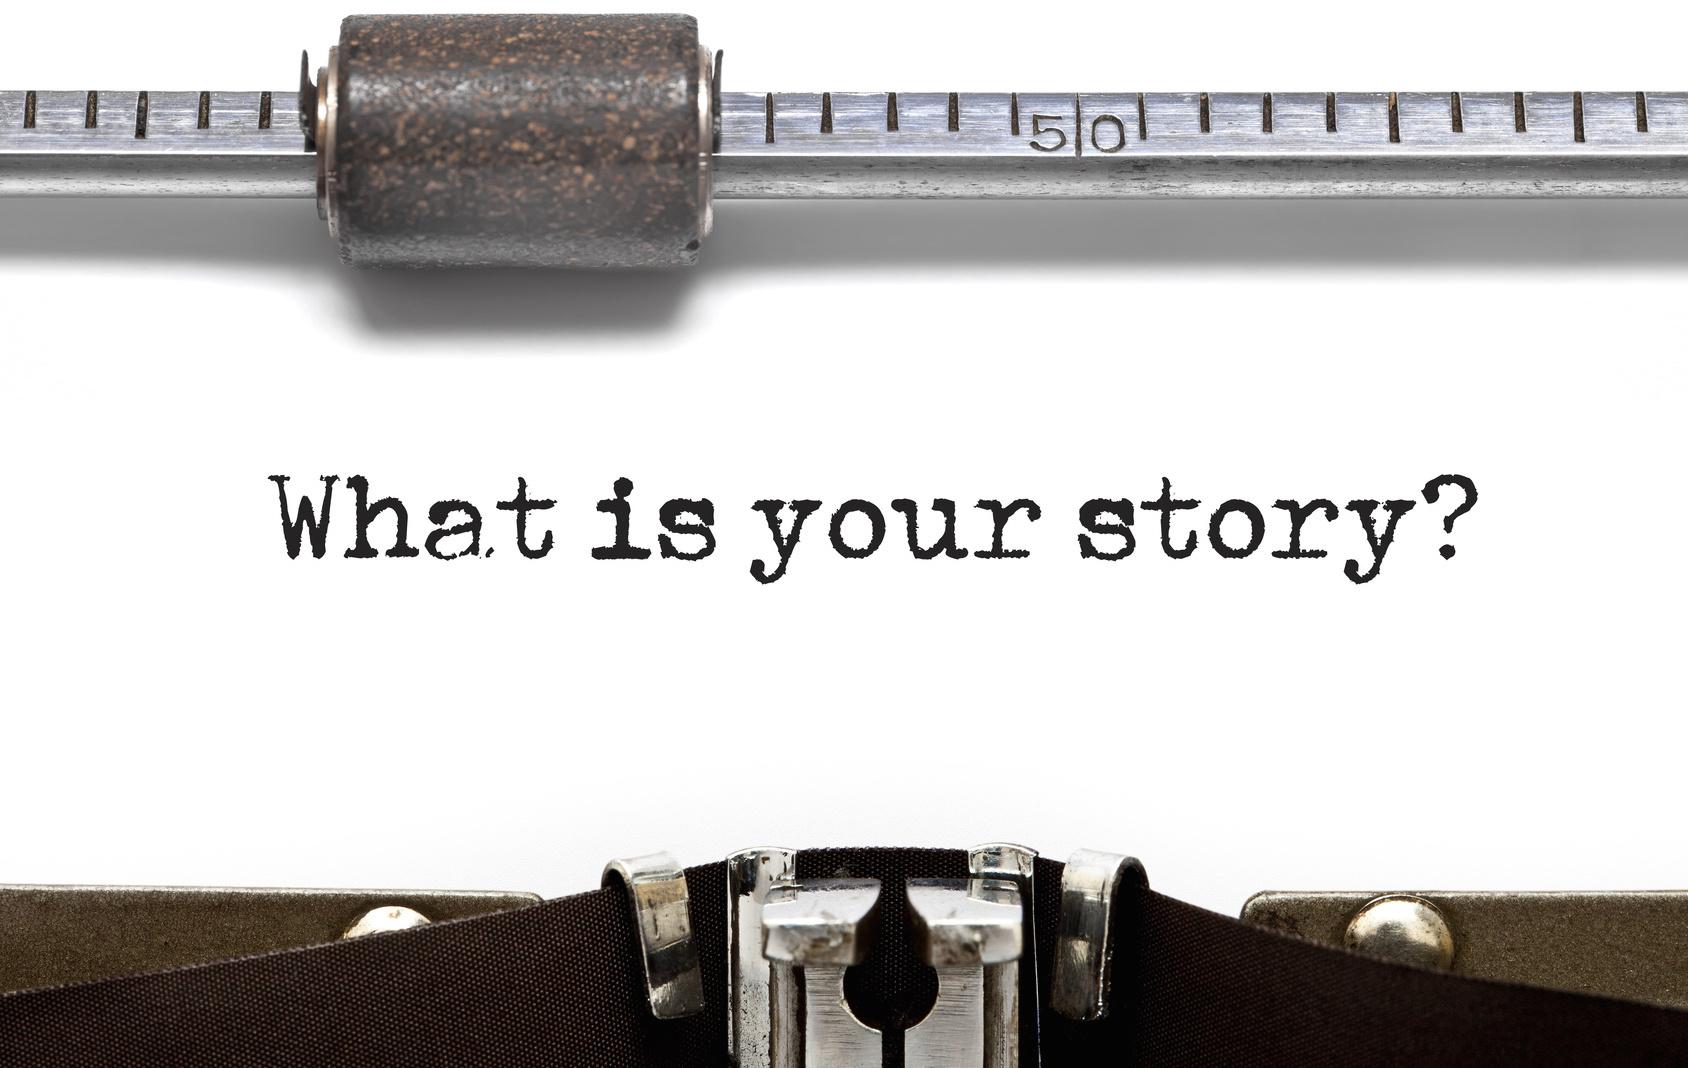 kendi-markanizin-basari-hikayesini-yaratin-hemen